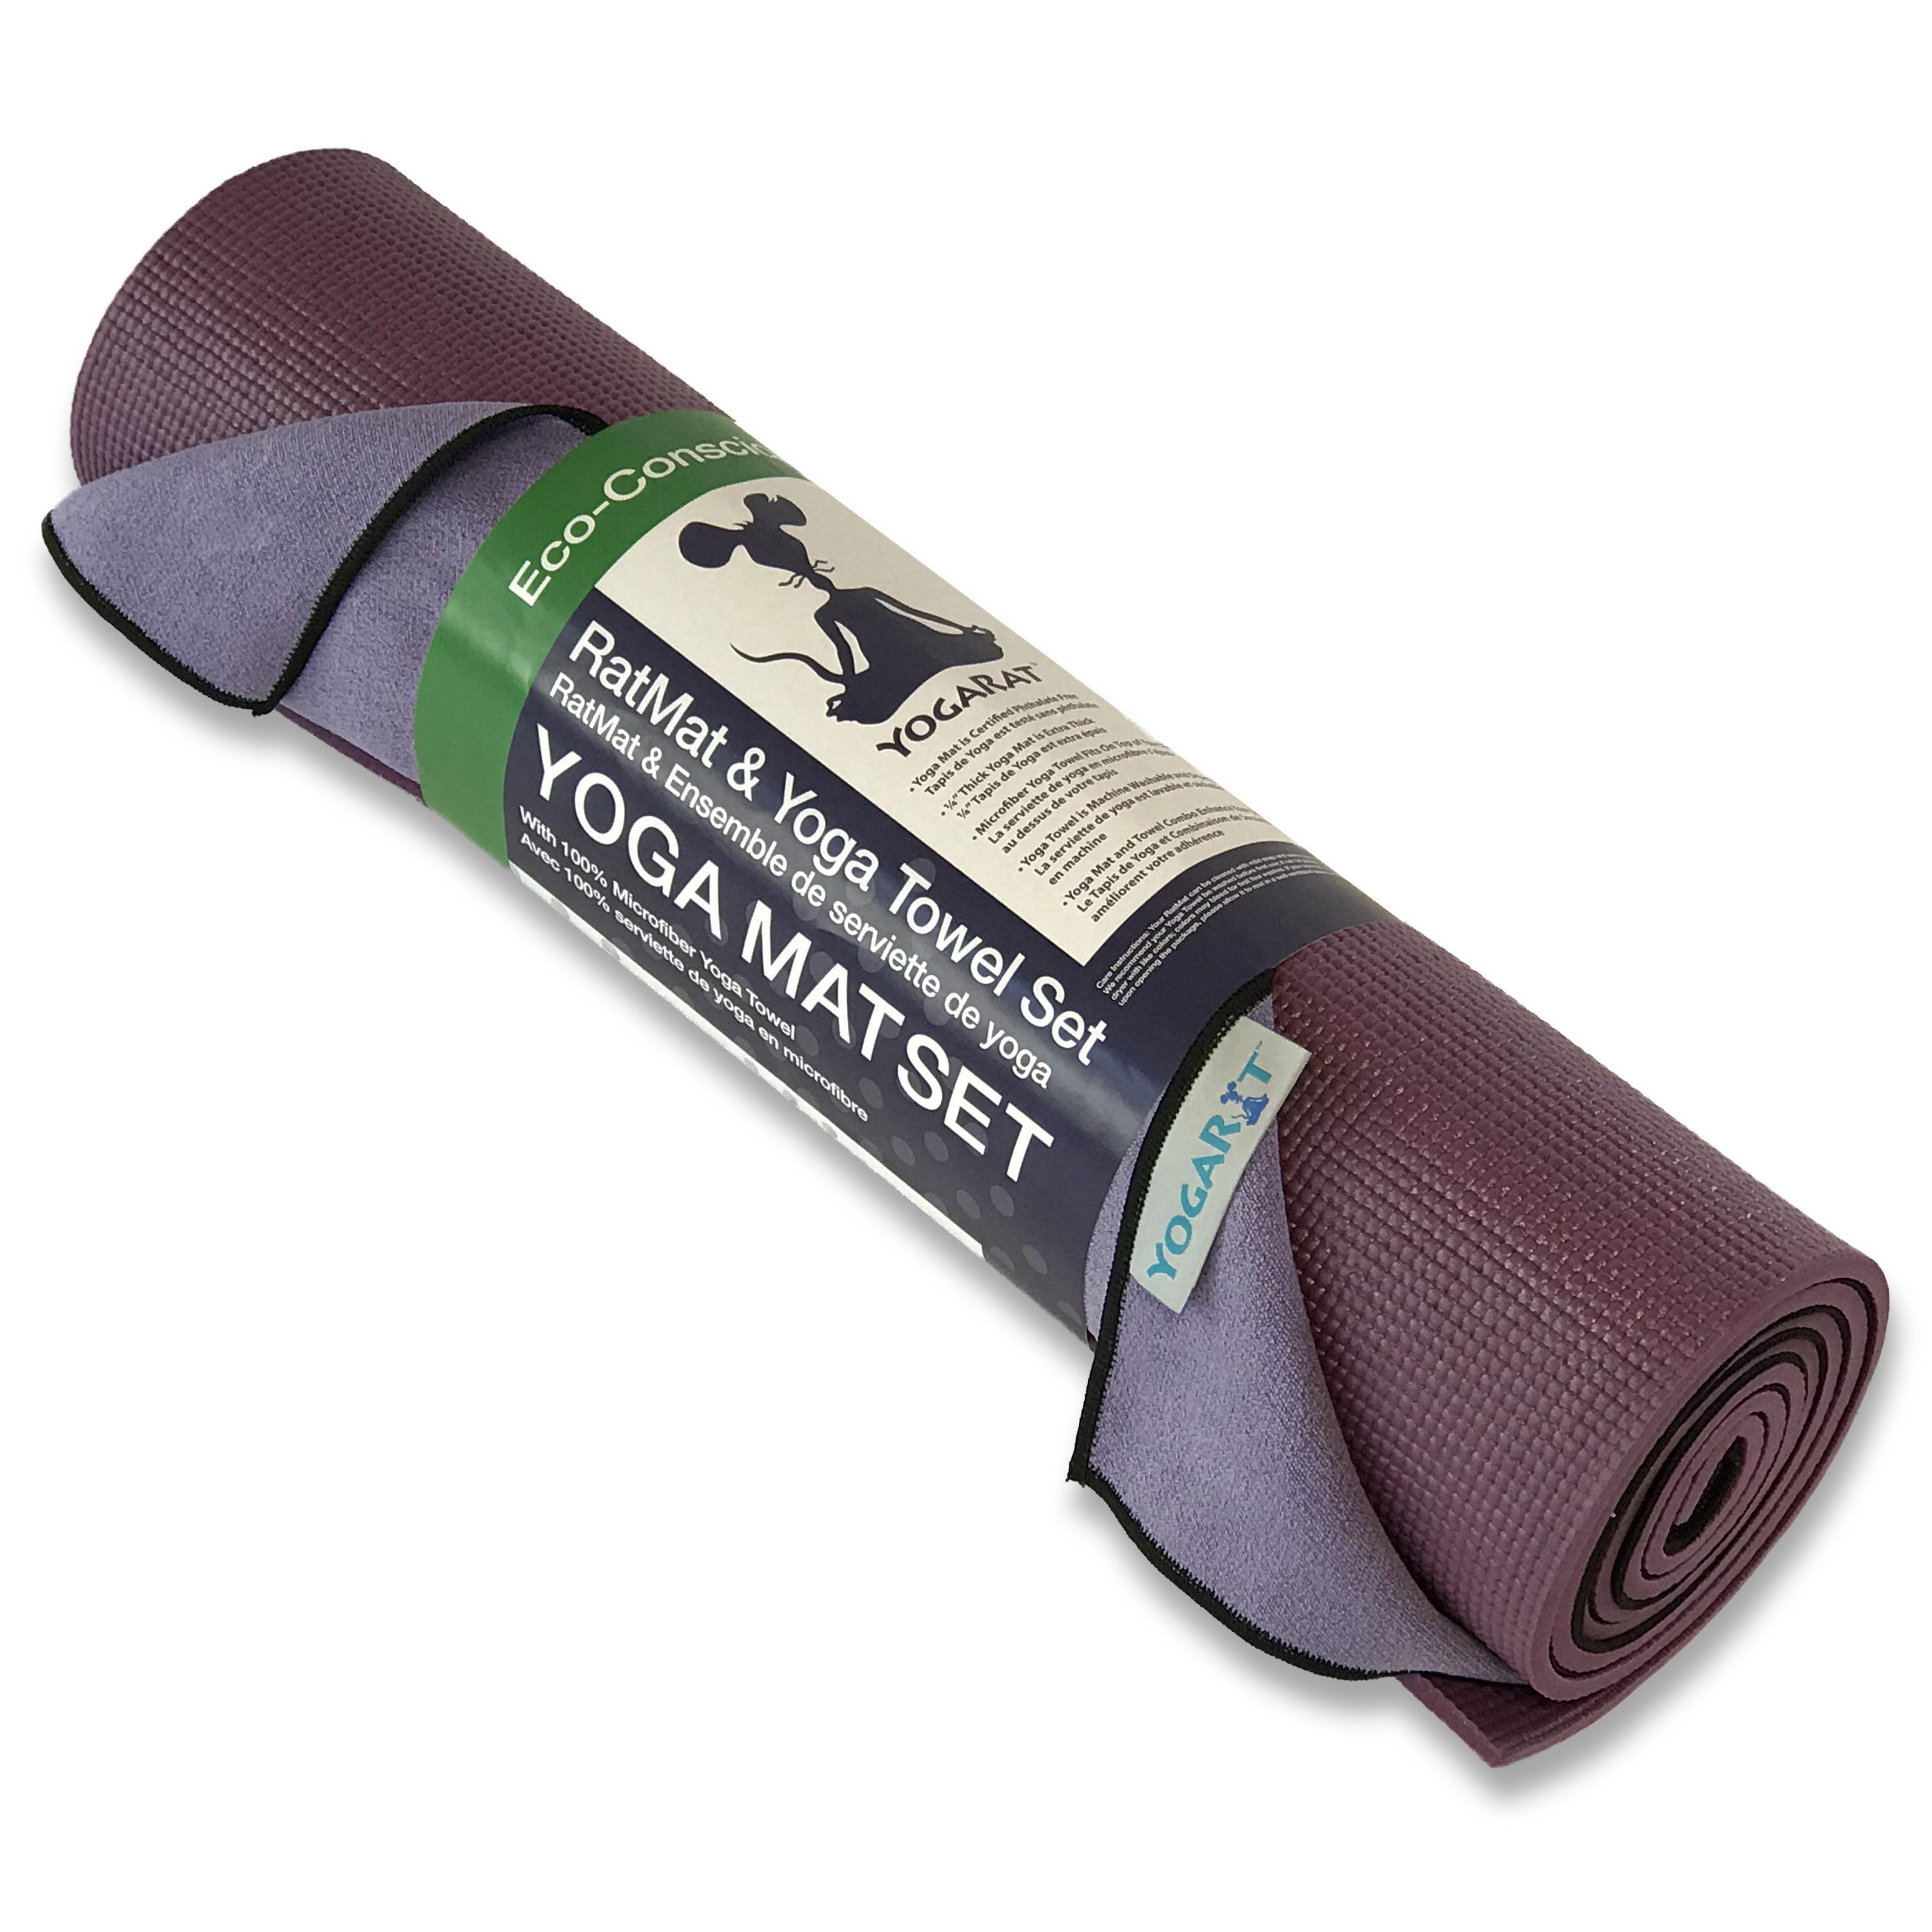 Yogarat Ratmat Yoga Mat Yoga Towel Set Violet Mat And Purple Black Towel Walmart Com Walmart Com